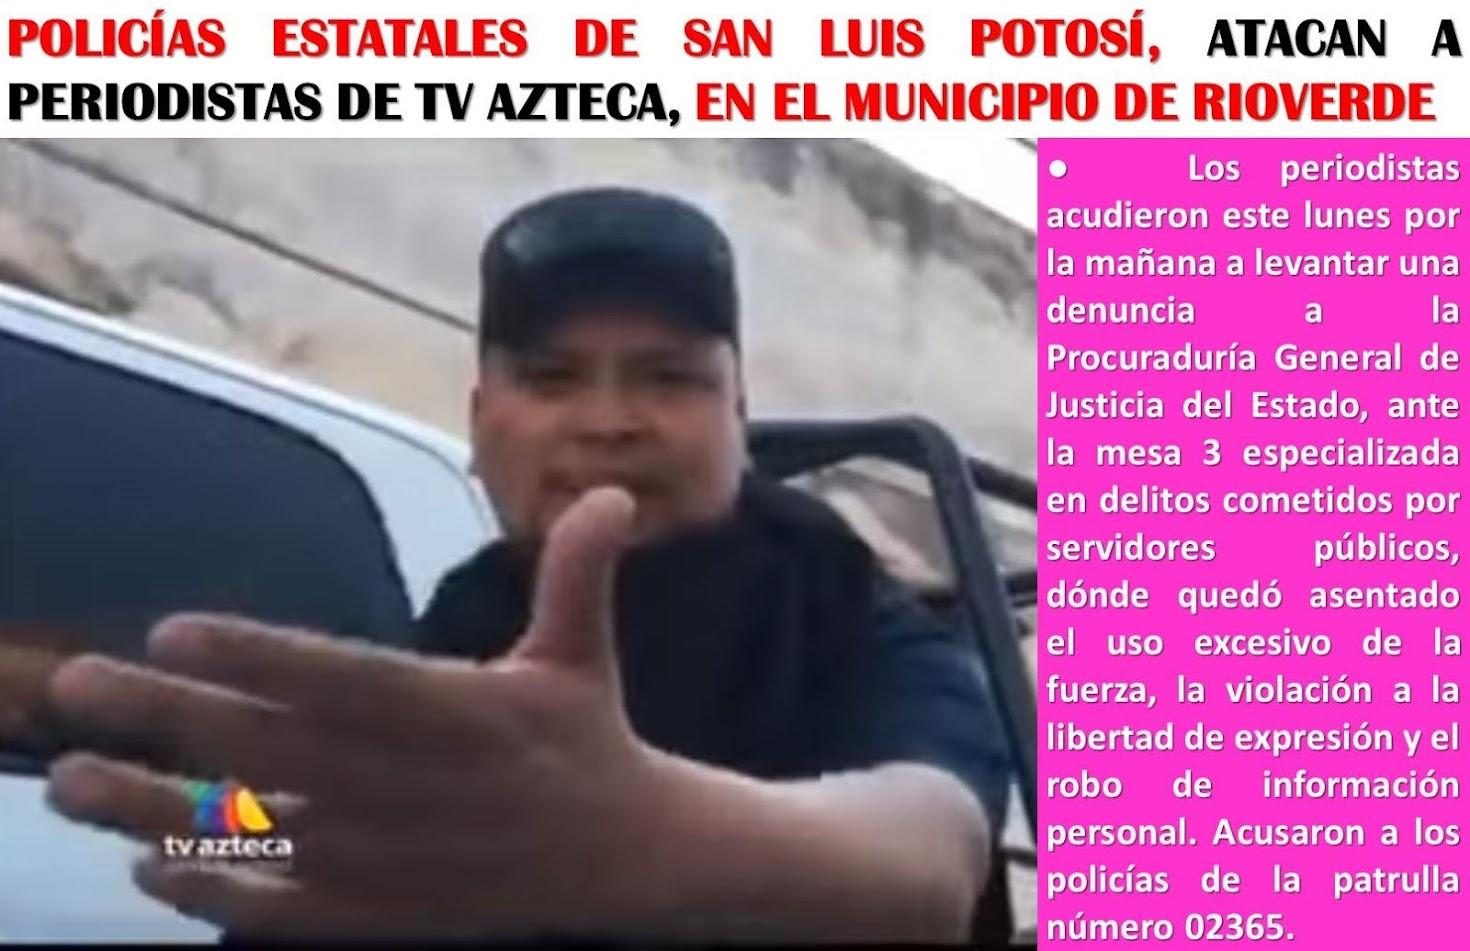 PERIODISTAS DE TV AZTECA SAN LUIS, PRESENTAN UNA DENUNCIA PENAL CONTRA POLICÍAS ESTATALES